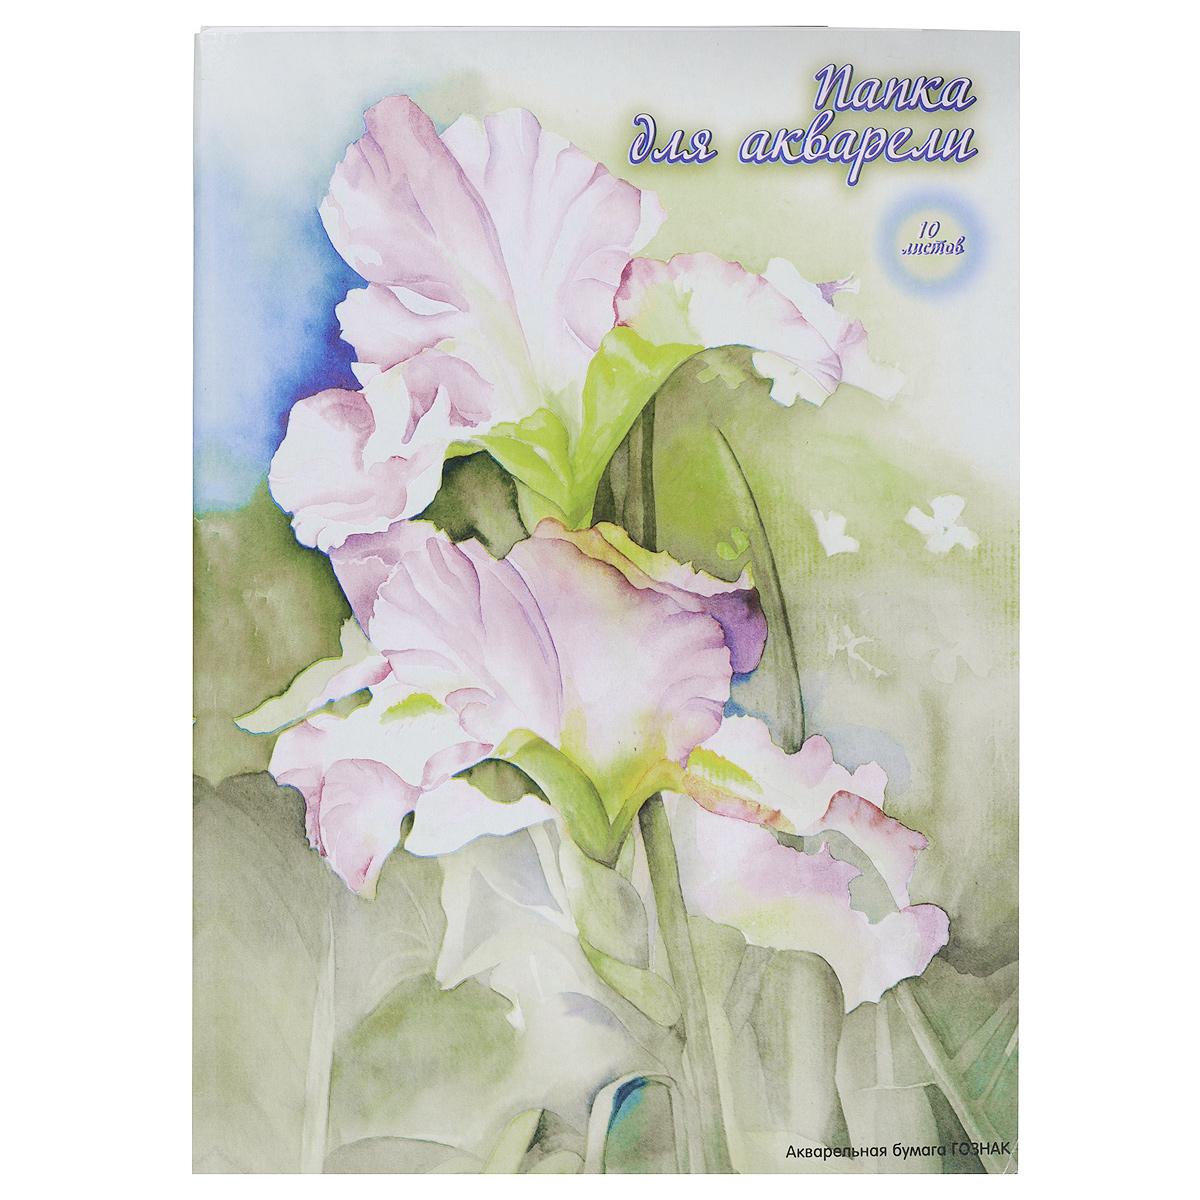 Бумага для акварели ACTION! Цветок, 10 листов, формат А3, цвет папки: серый72523WDБумага ACTION! Цветок предназначена для акварельных работ. Комплект содержит десять листов бумаги формата А3, упакованных в картонную папку с изображением цветка. Рекомендуемый возраст: от 6 лет.